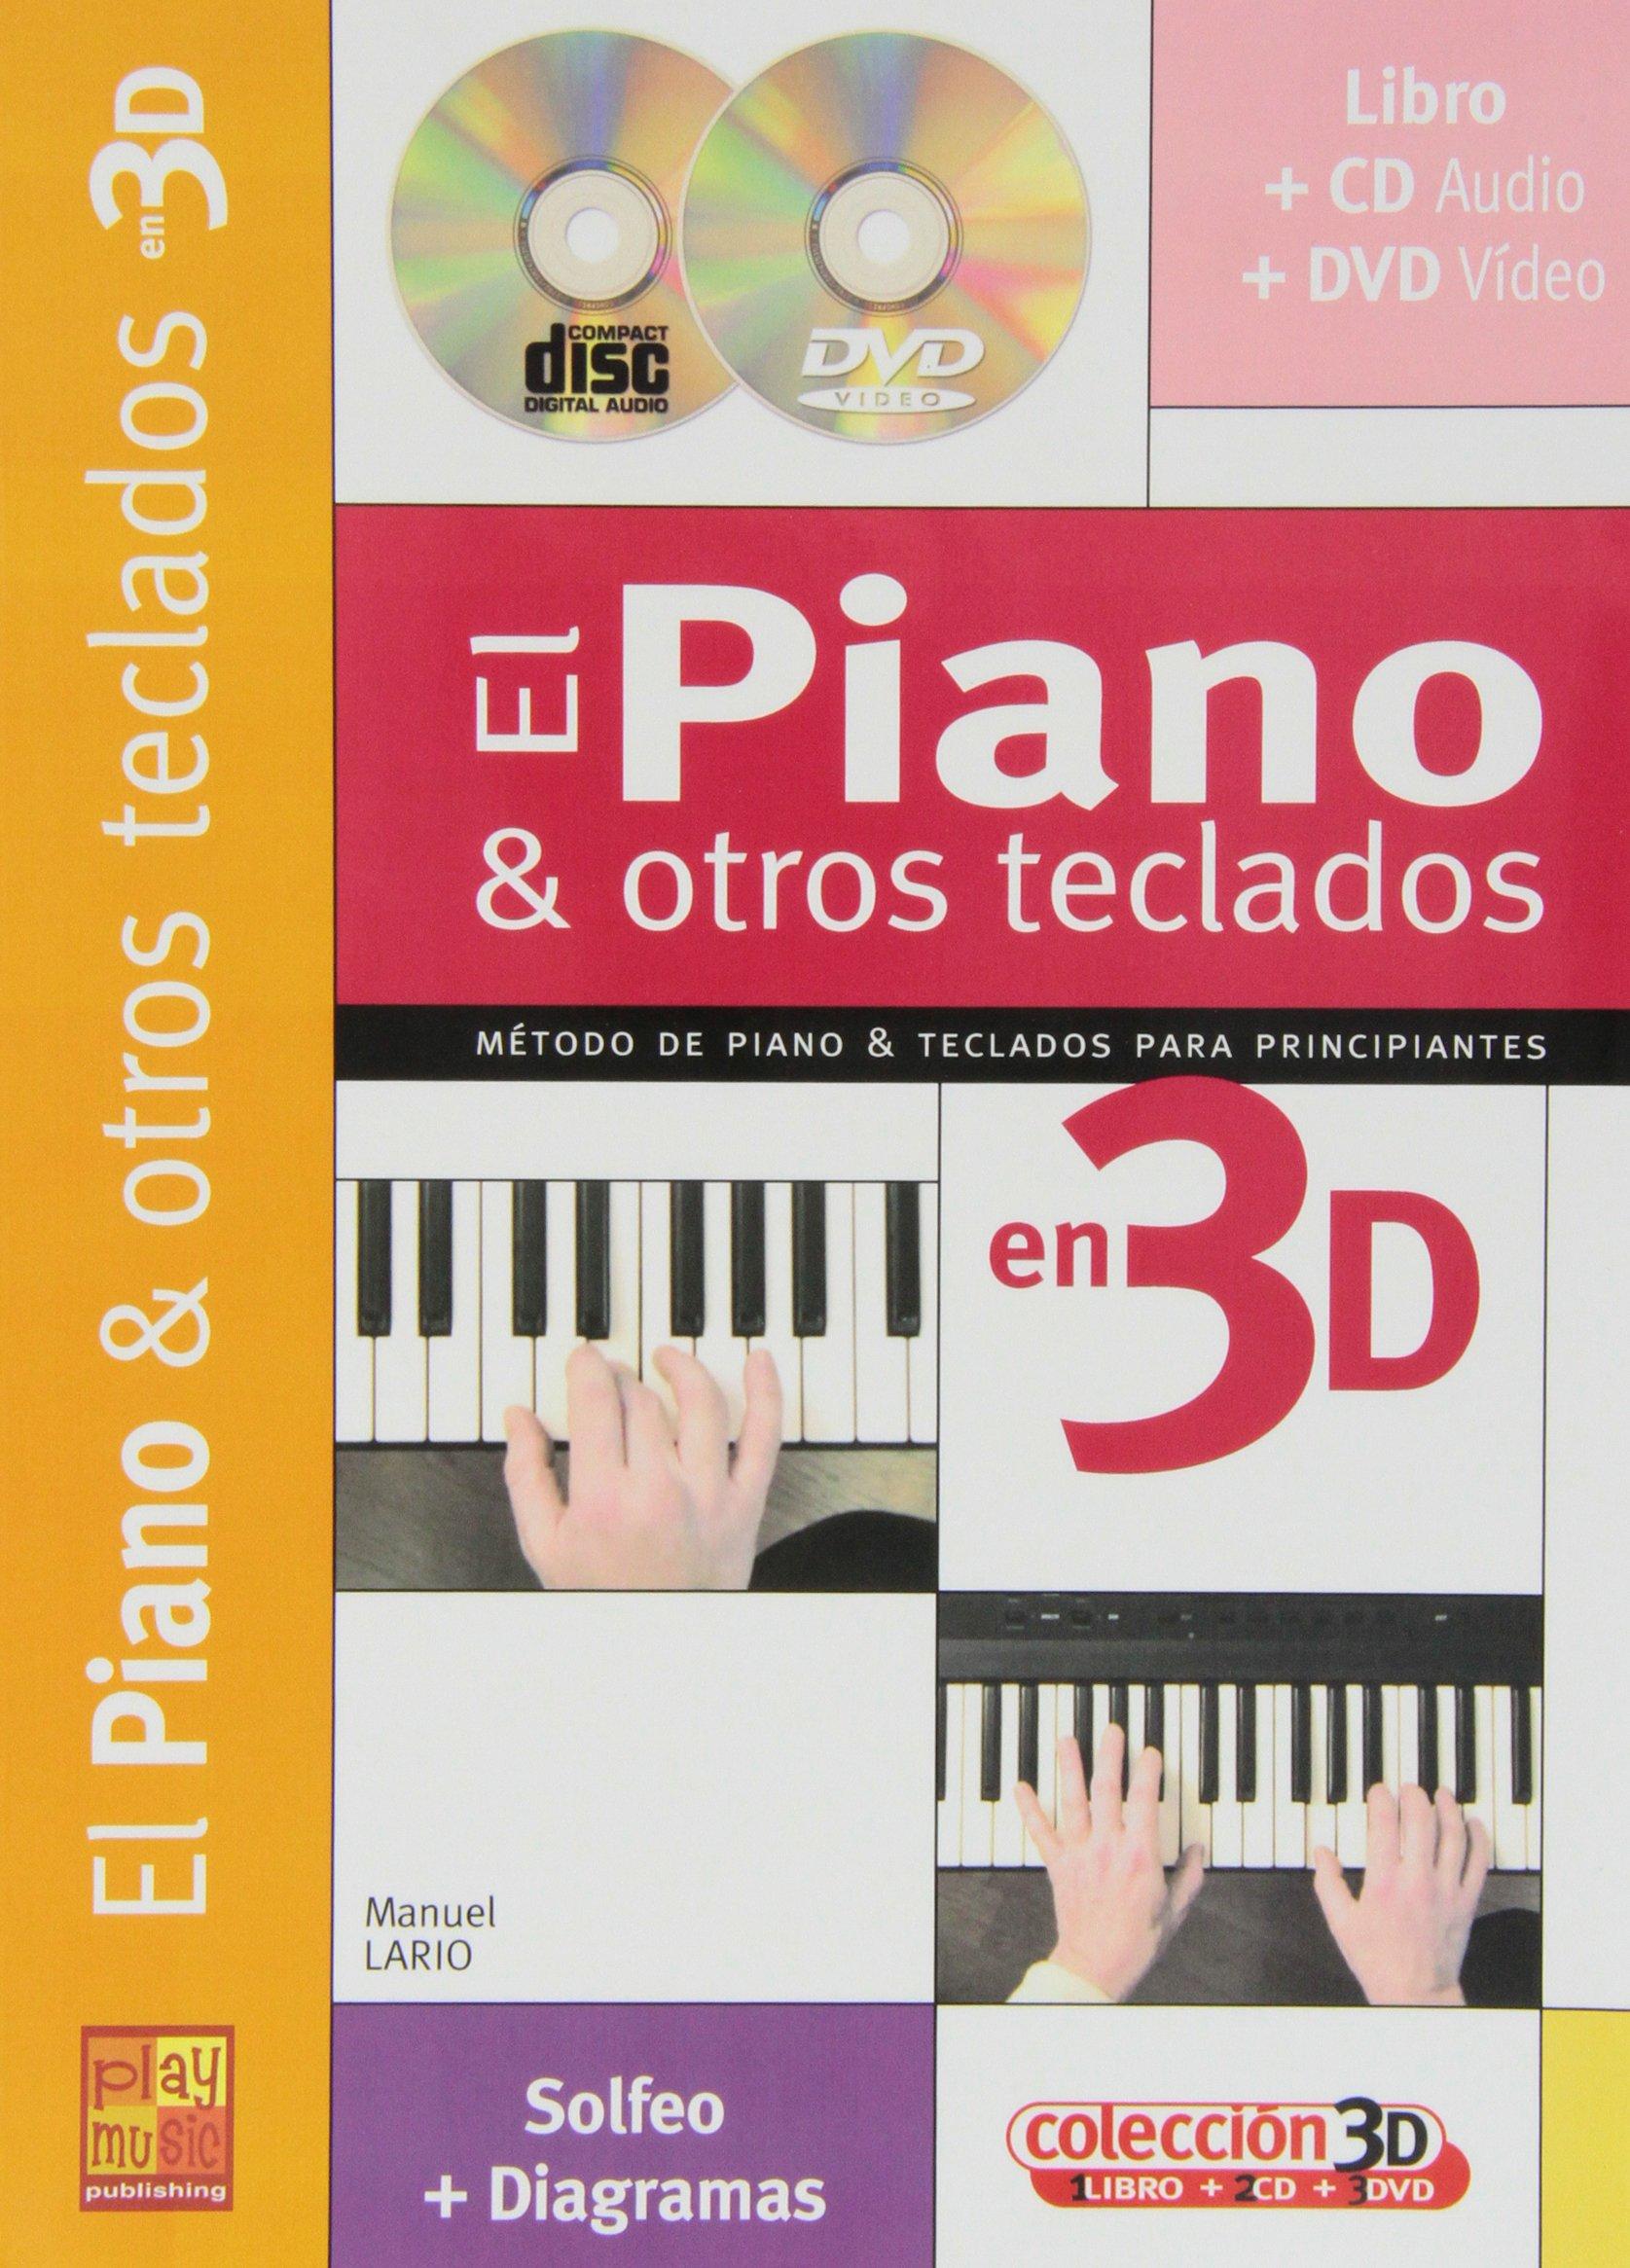 Iniciación al piano y otros teclados en 3D - 1 Libro + 1 CD + 1 DVD Play Music España: Amazon.es: Manuel Lario, Piano: Libros